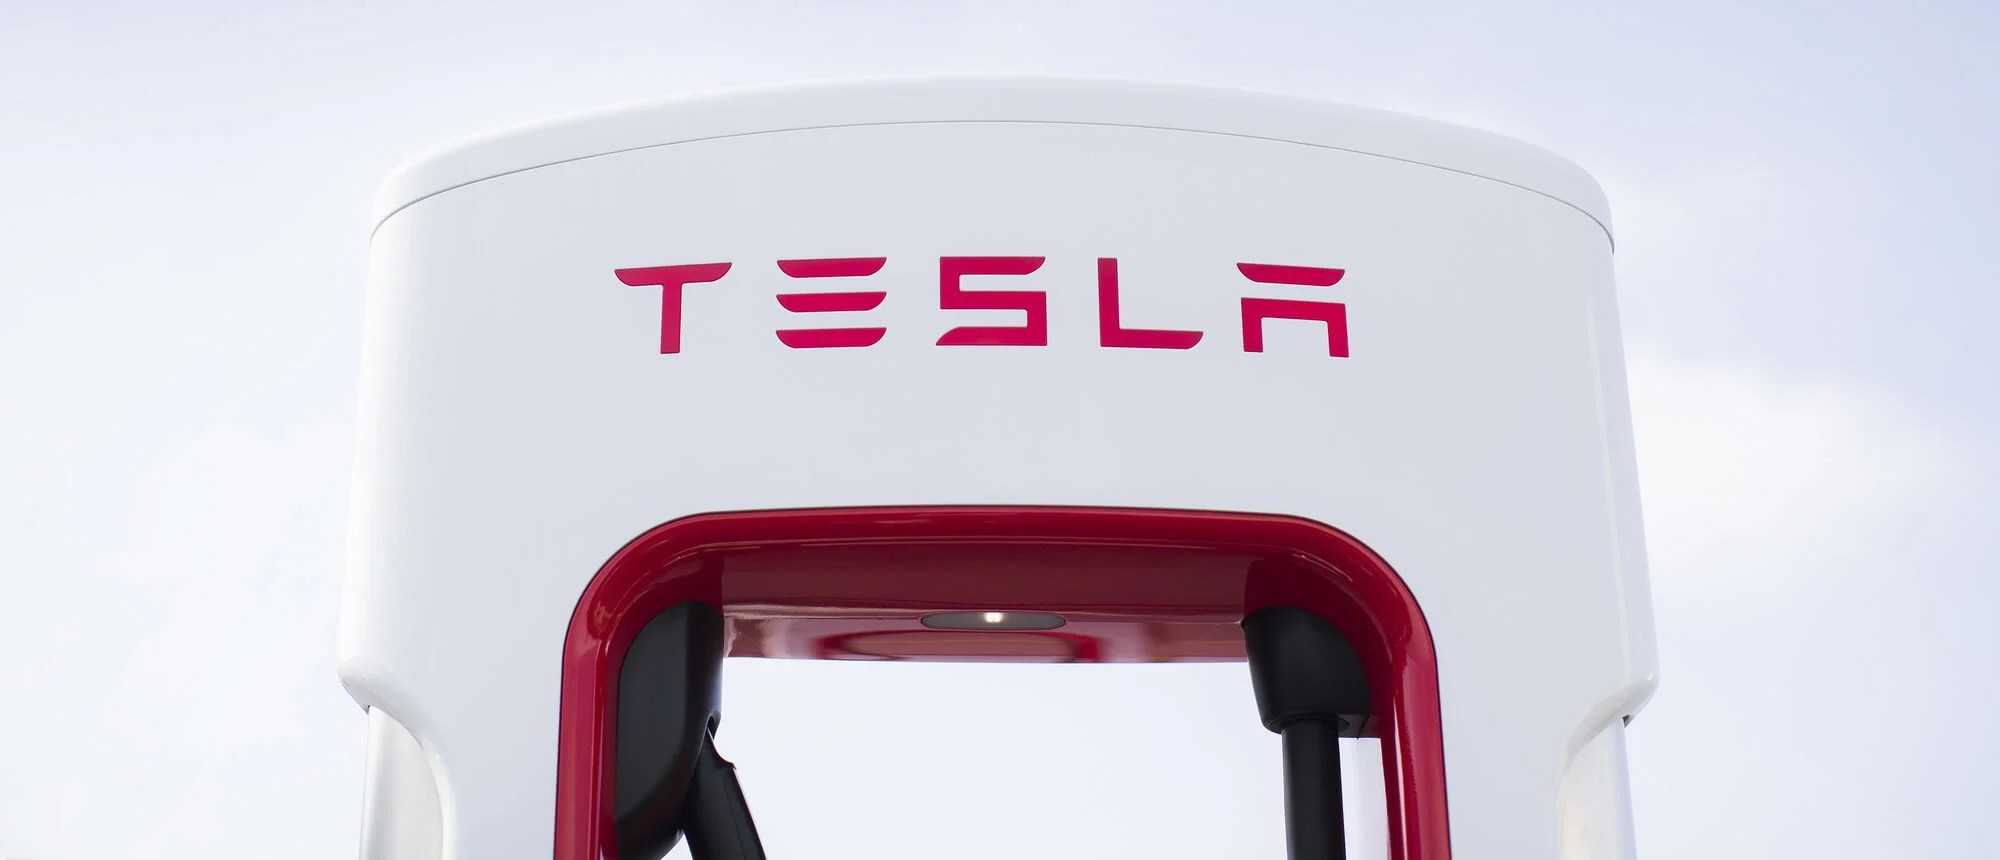 Tesla mieten und kostenlos am Supercharger laden